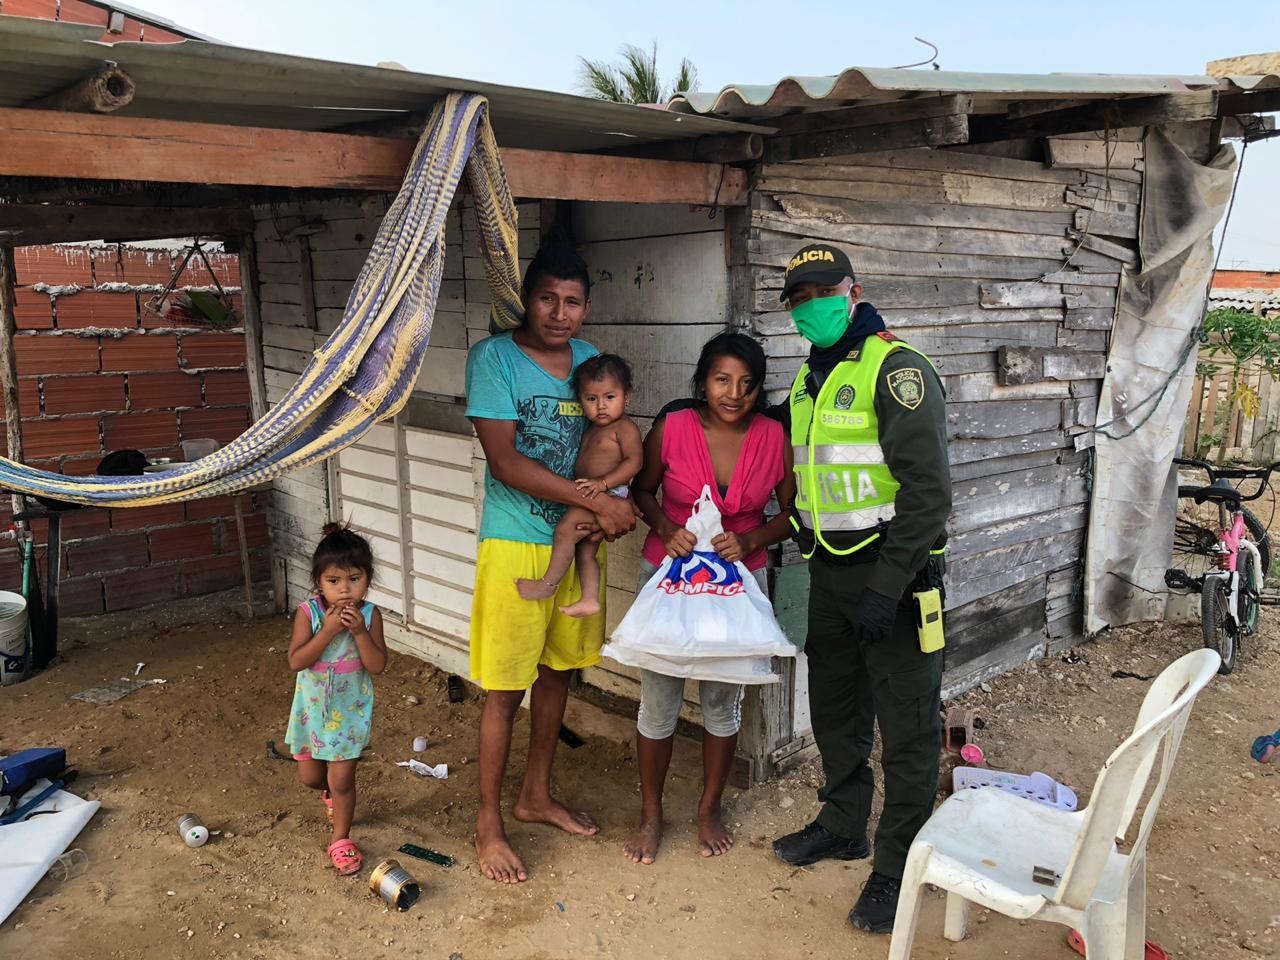 Policía de Barranquilla entregó 70 mercados en sector conocido como La Cangrejera